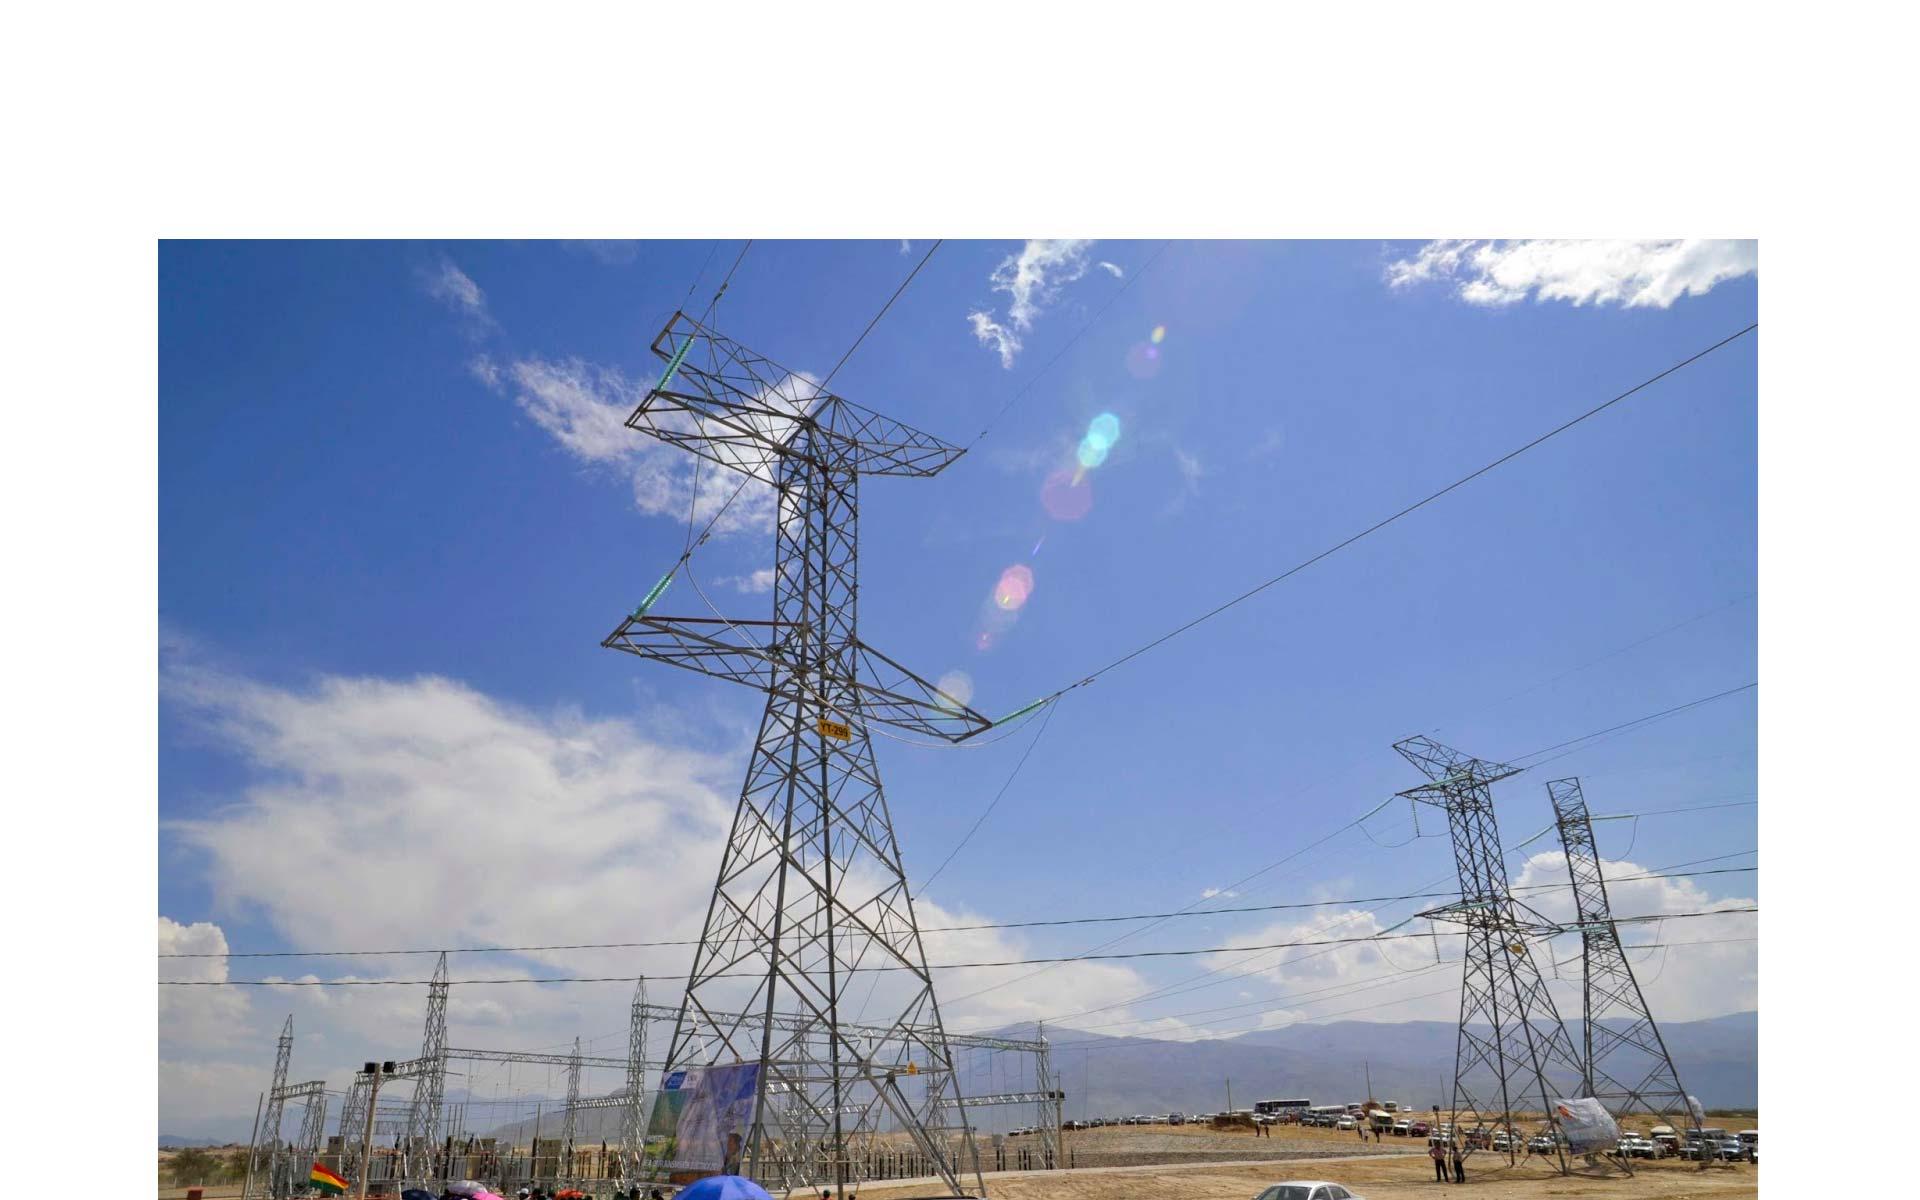 Durante el 2016 planea habilitar tres centrales termoeléctricas y empezar a exportar energía a Argentina